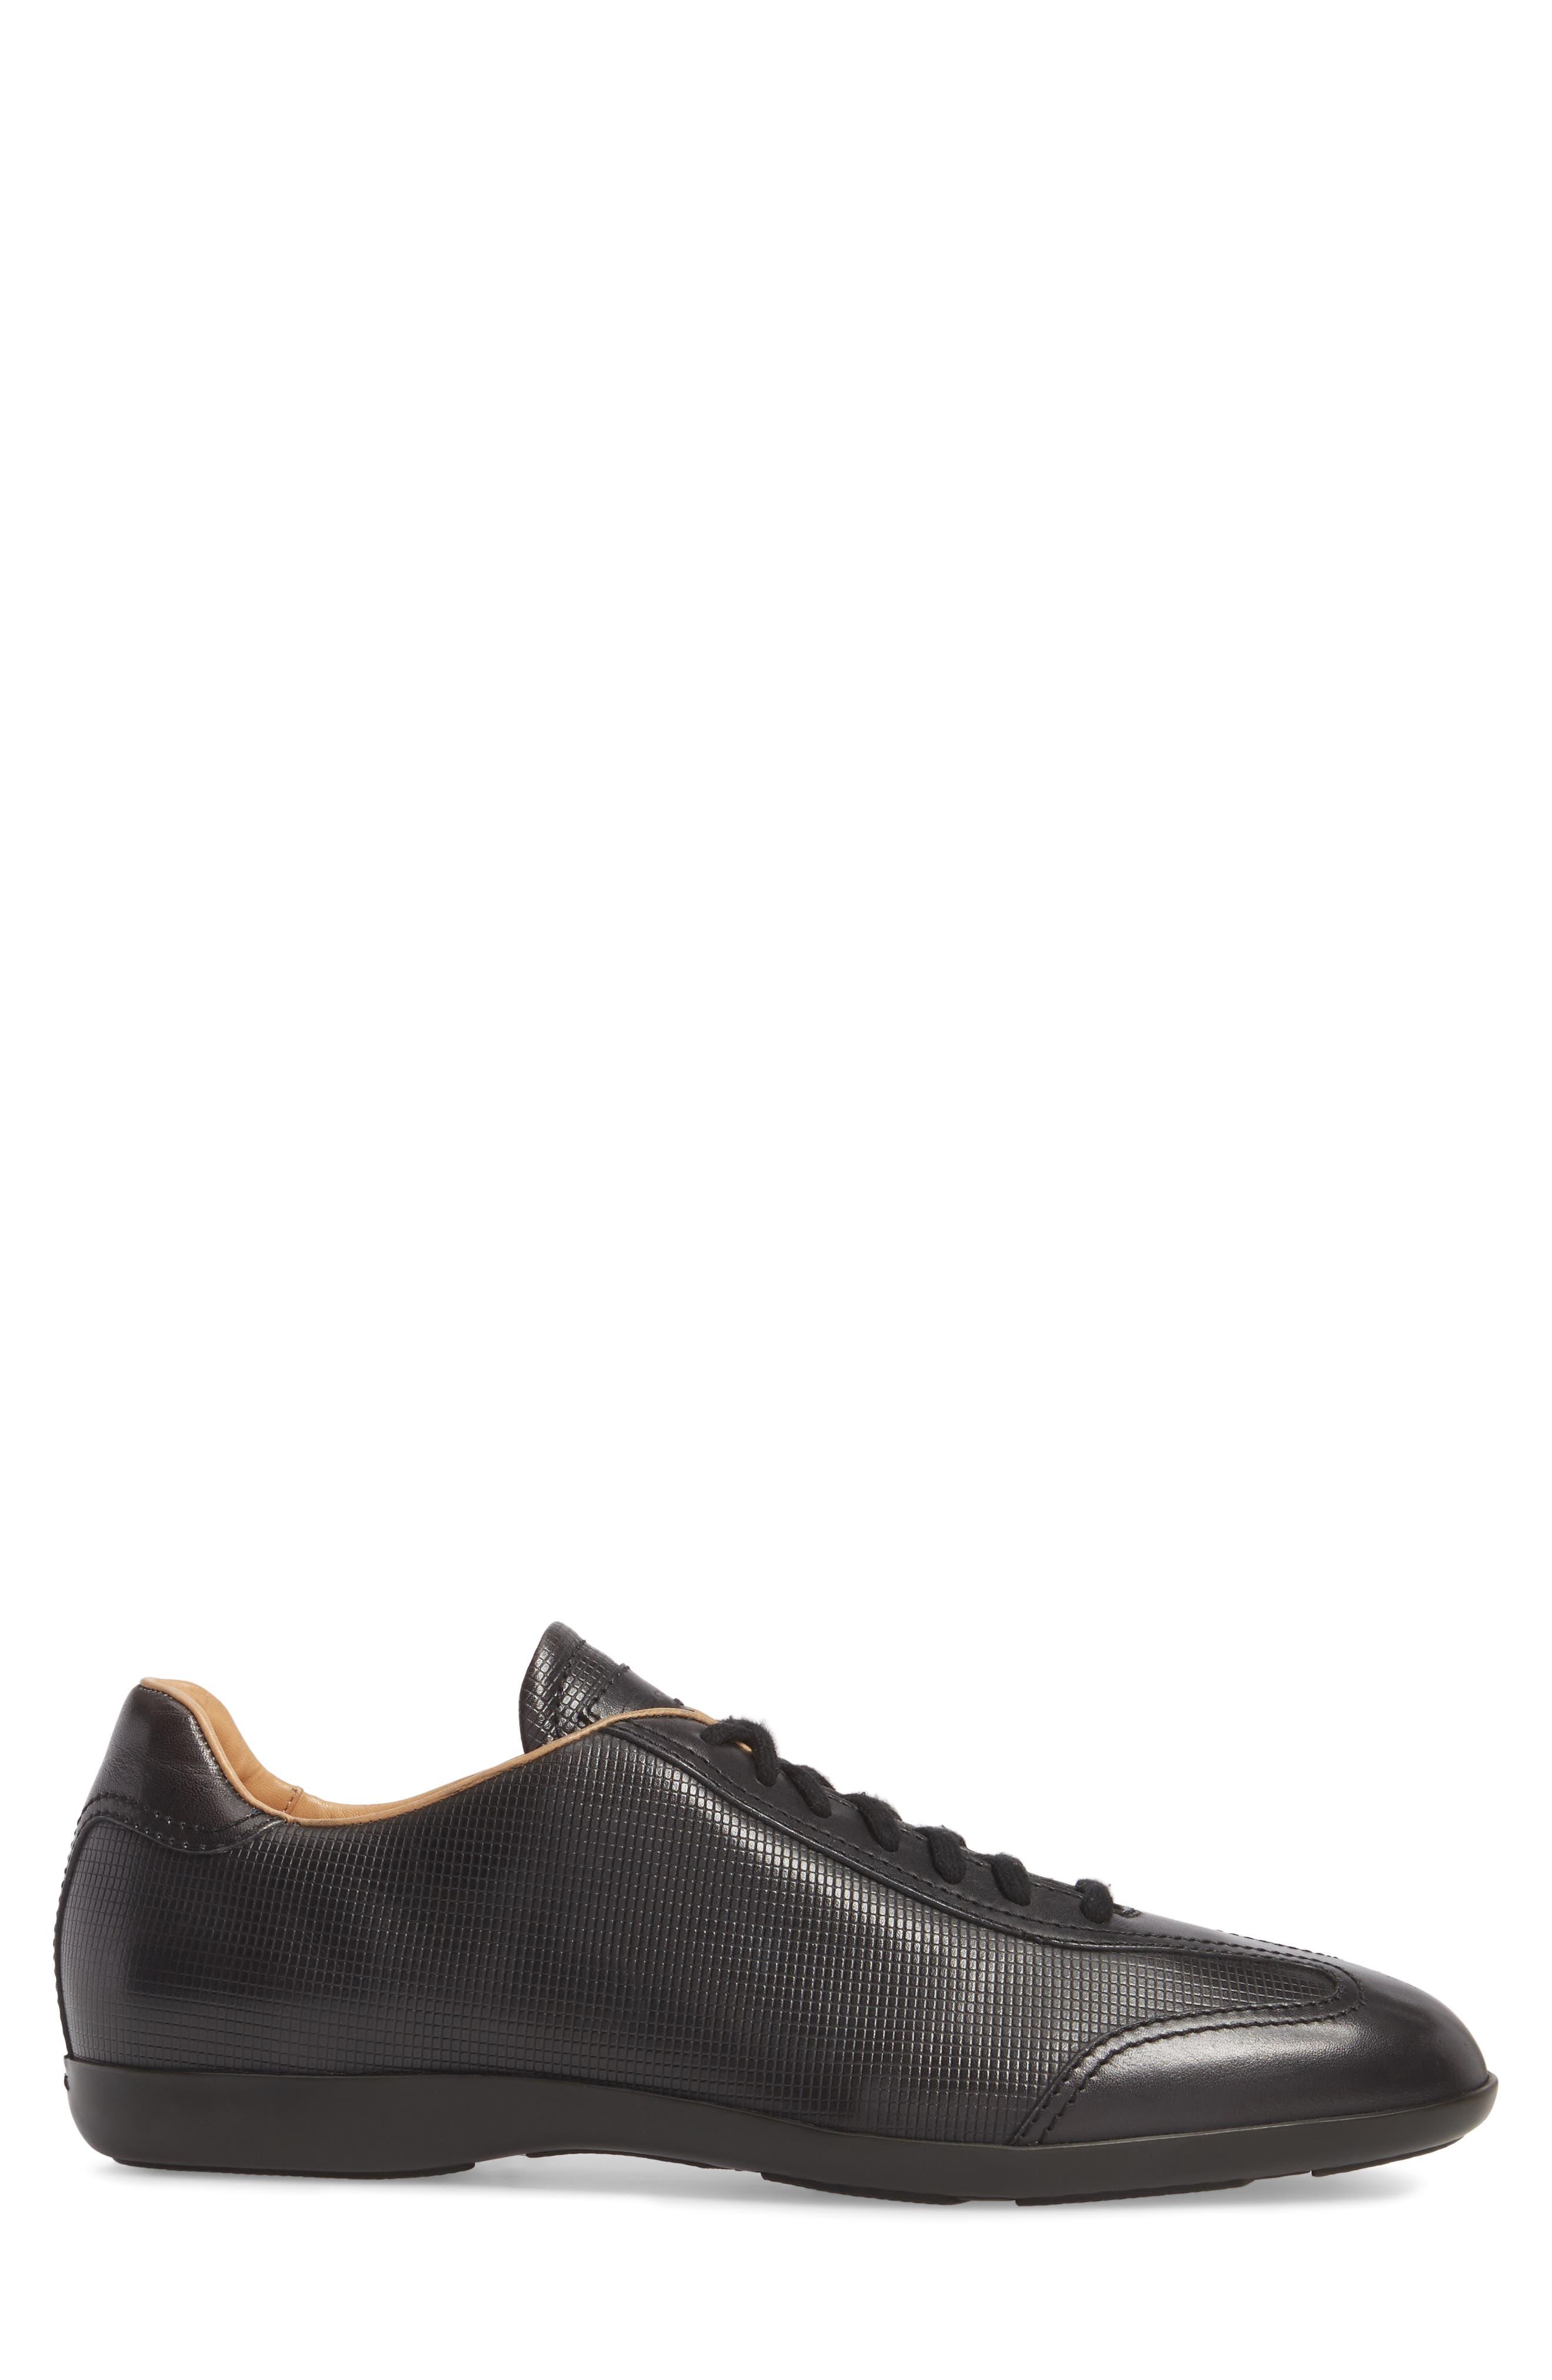 'Cortez' Sneaker,                             Alternate thumbnail 3, color,                             200